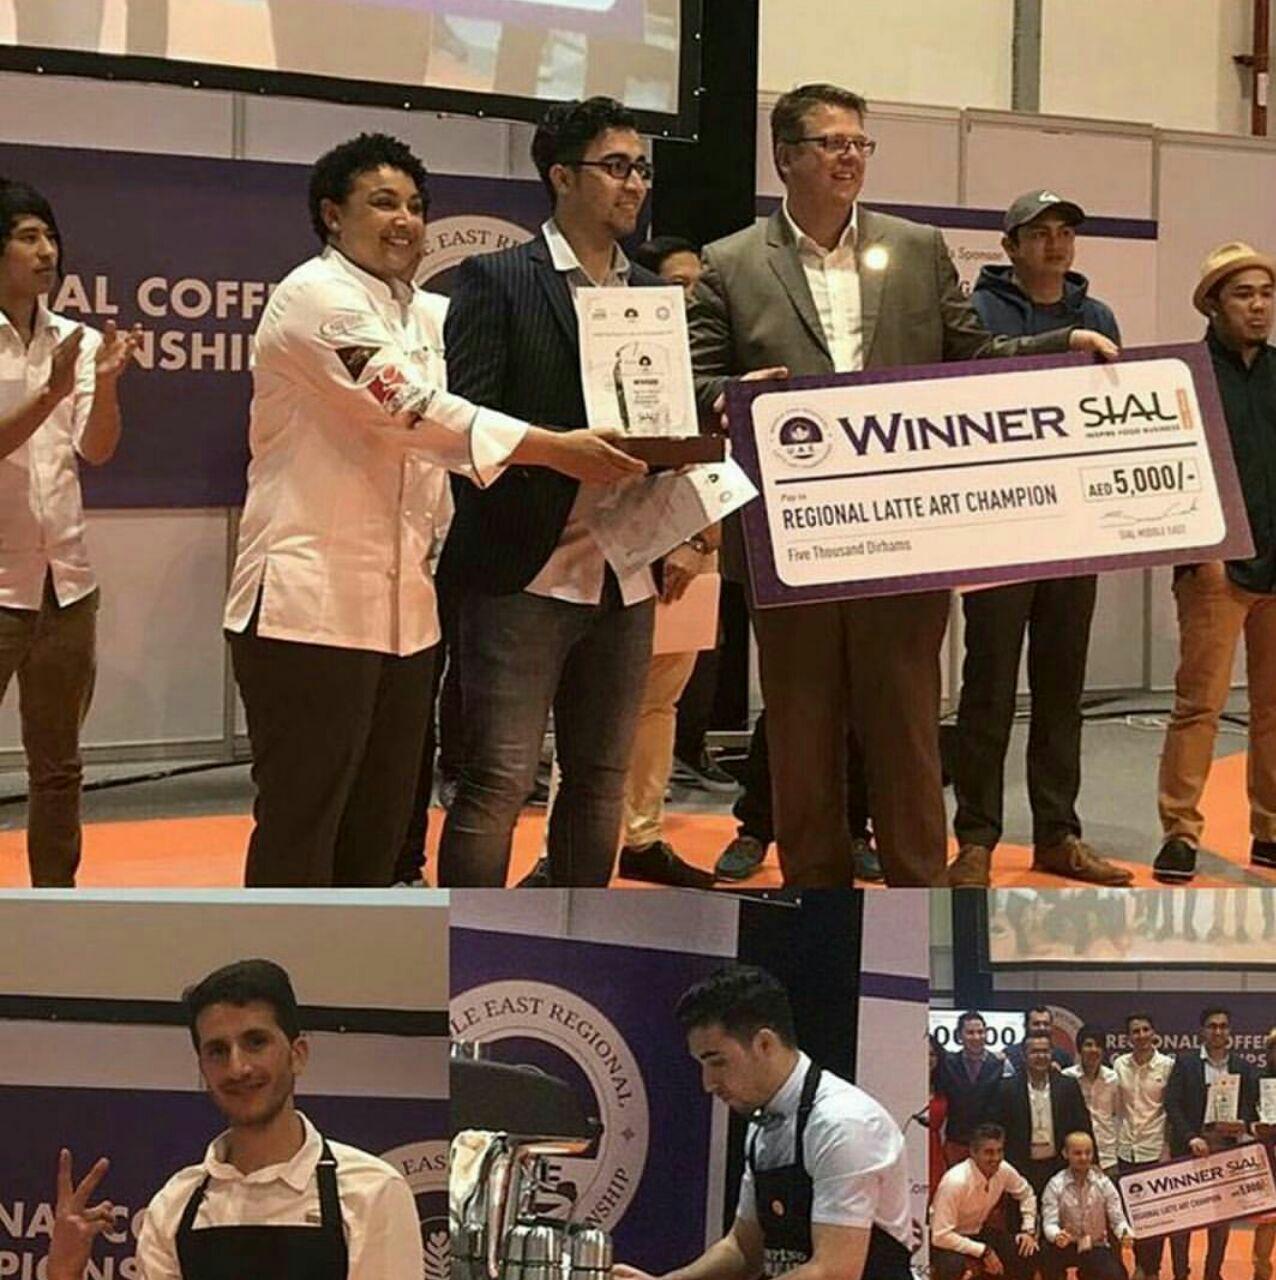 مسابقات آزاد لته آرت منطقه خاورمیانه